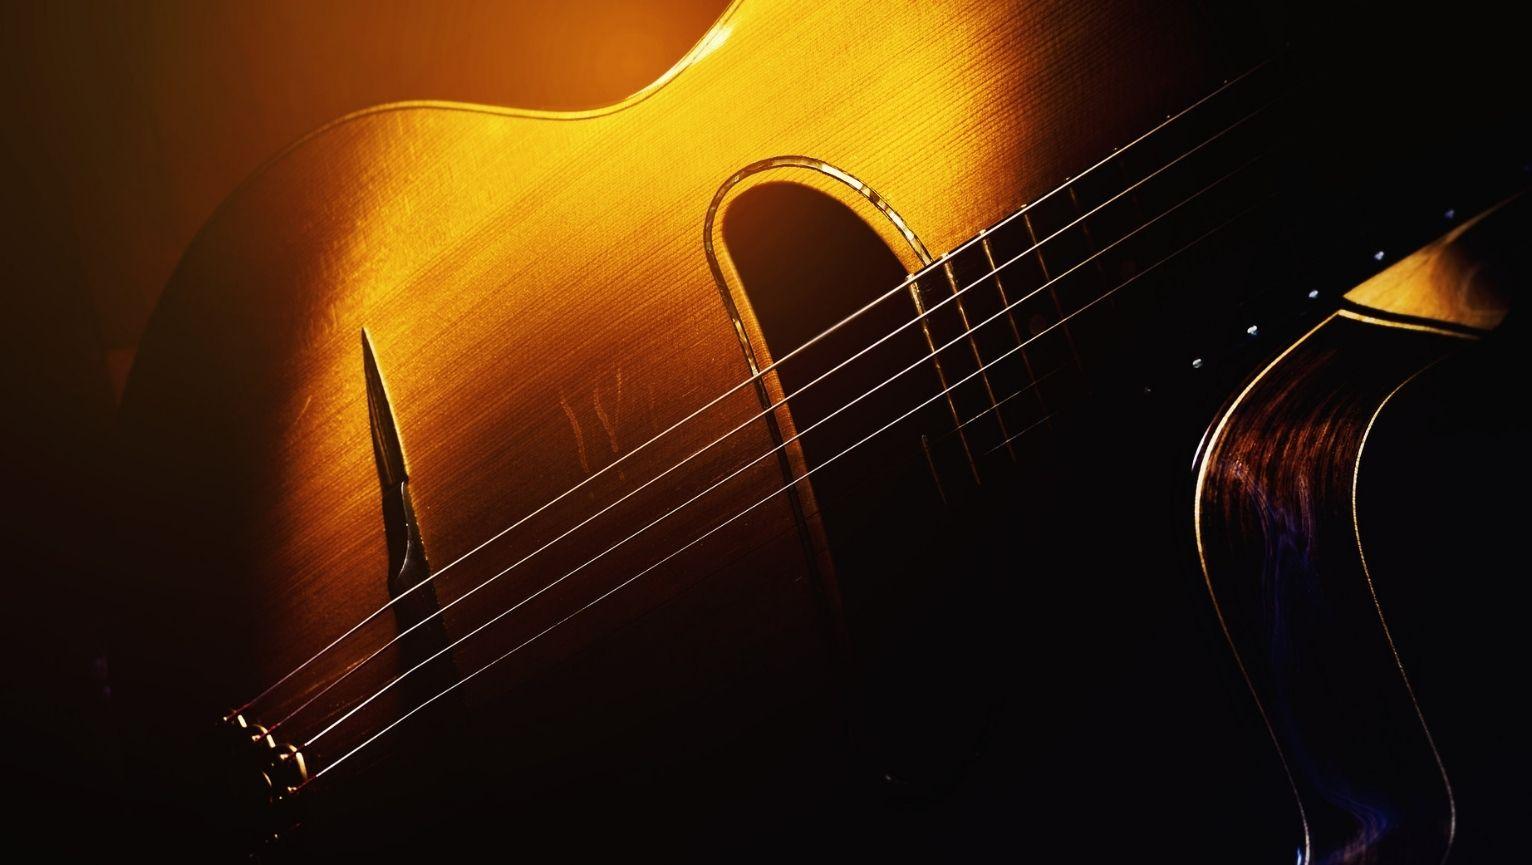 Gypsy Jazz Style Guitar